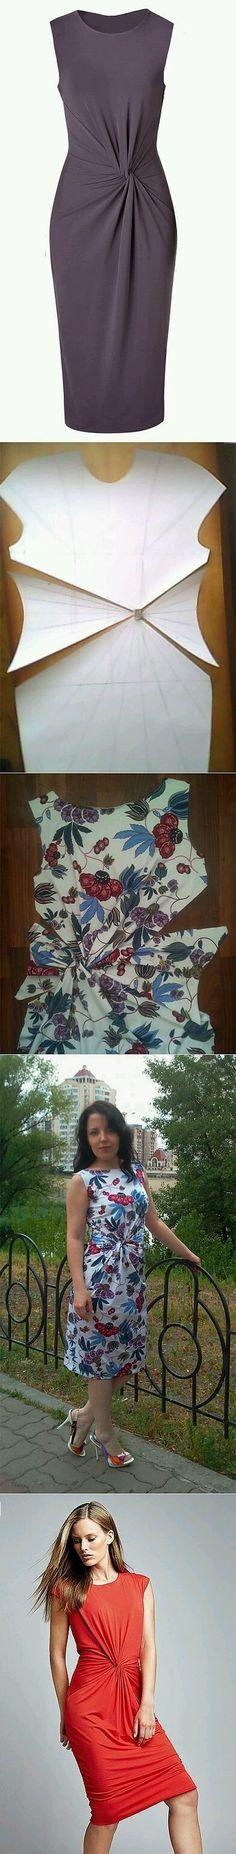 Uniq dress